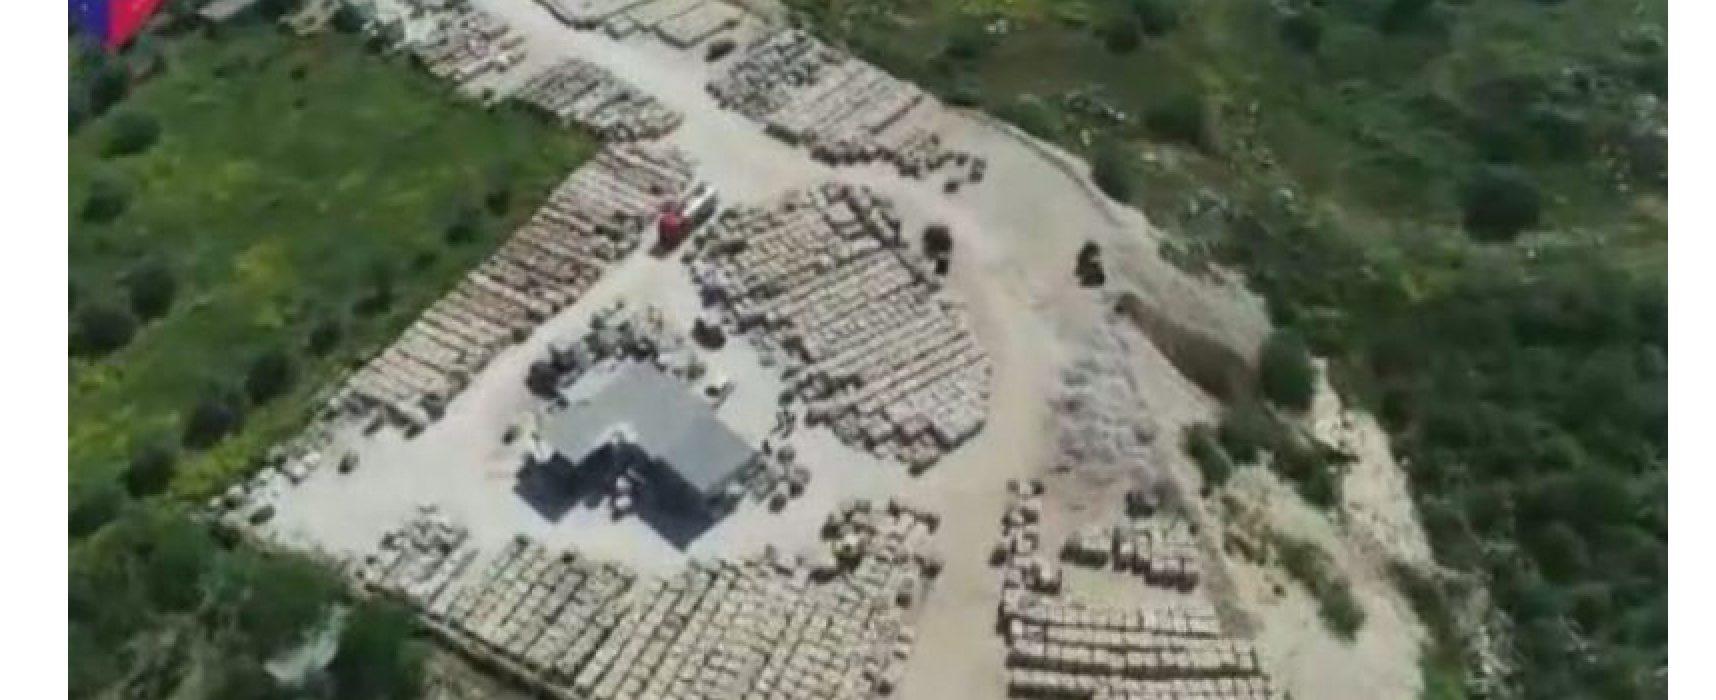 Sequestrata discarica abusiva tra Bisceglie e Trani, 4 denunce / VIDEO